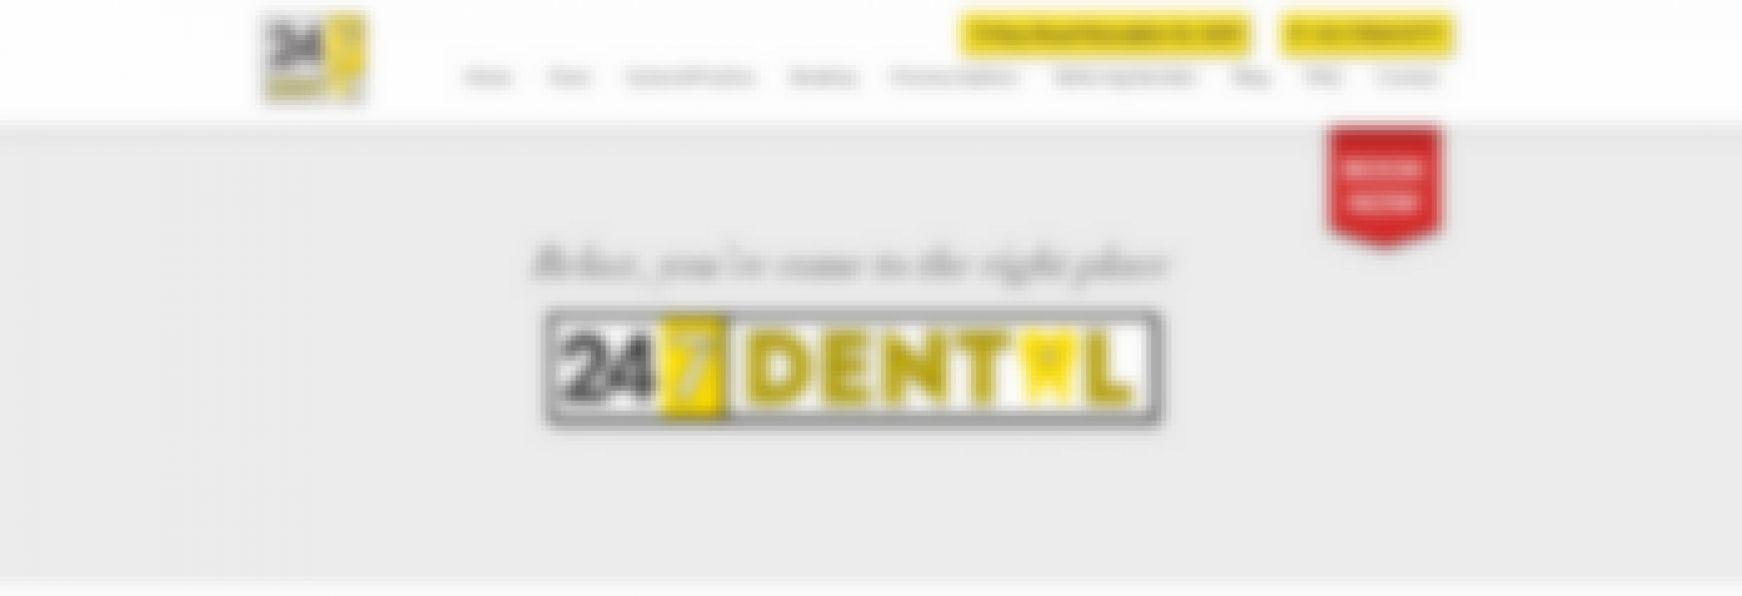 24 7 dental